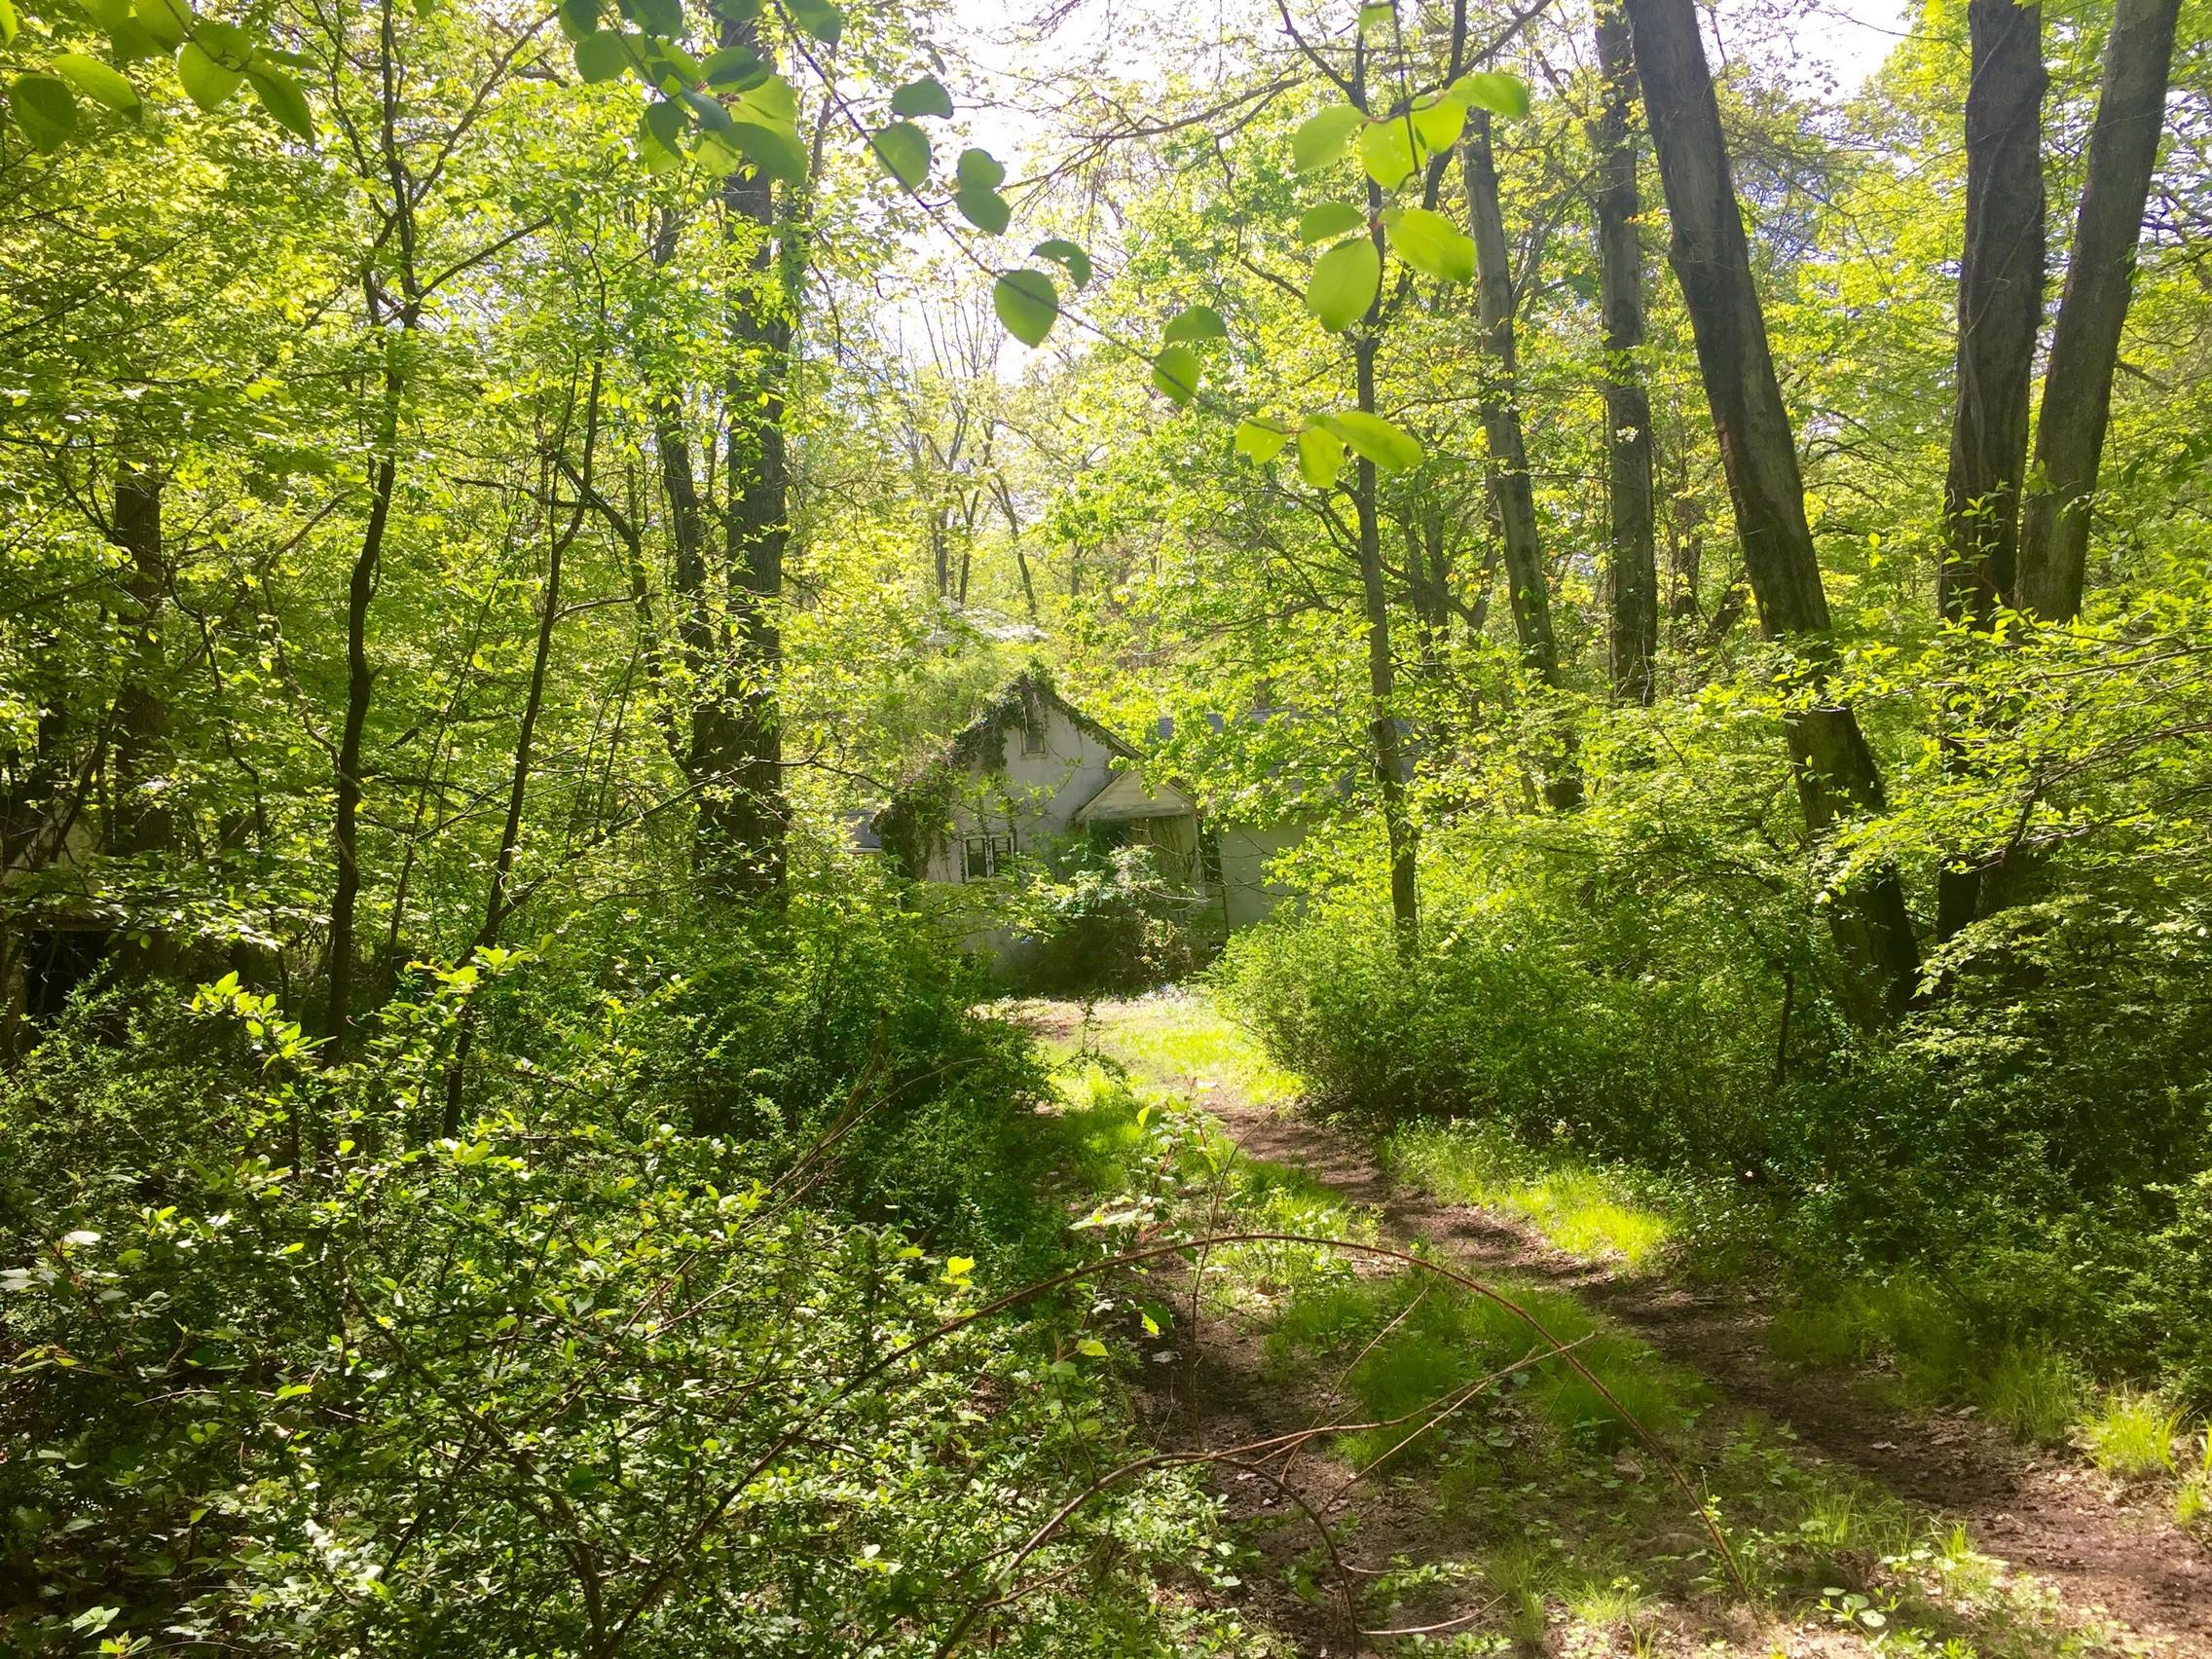 Частный односемейный дом для того Продажа на Peaceful Sanctuary 160 South Mountain Rd New City, Нью-Йорк 10956 Соединенные Штаты